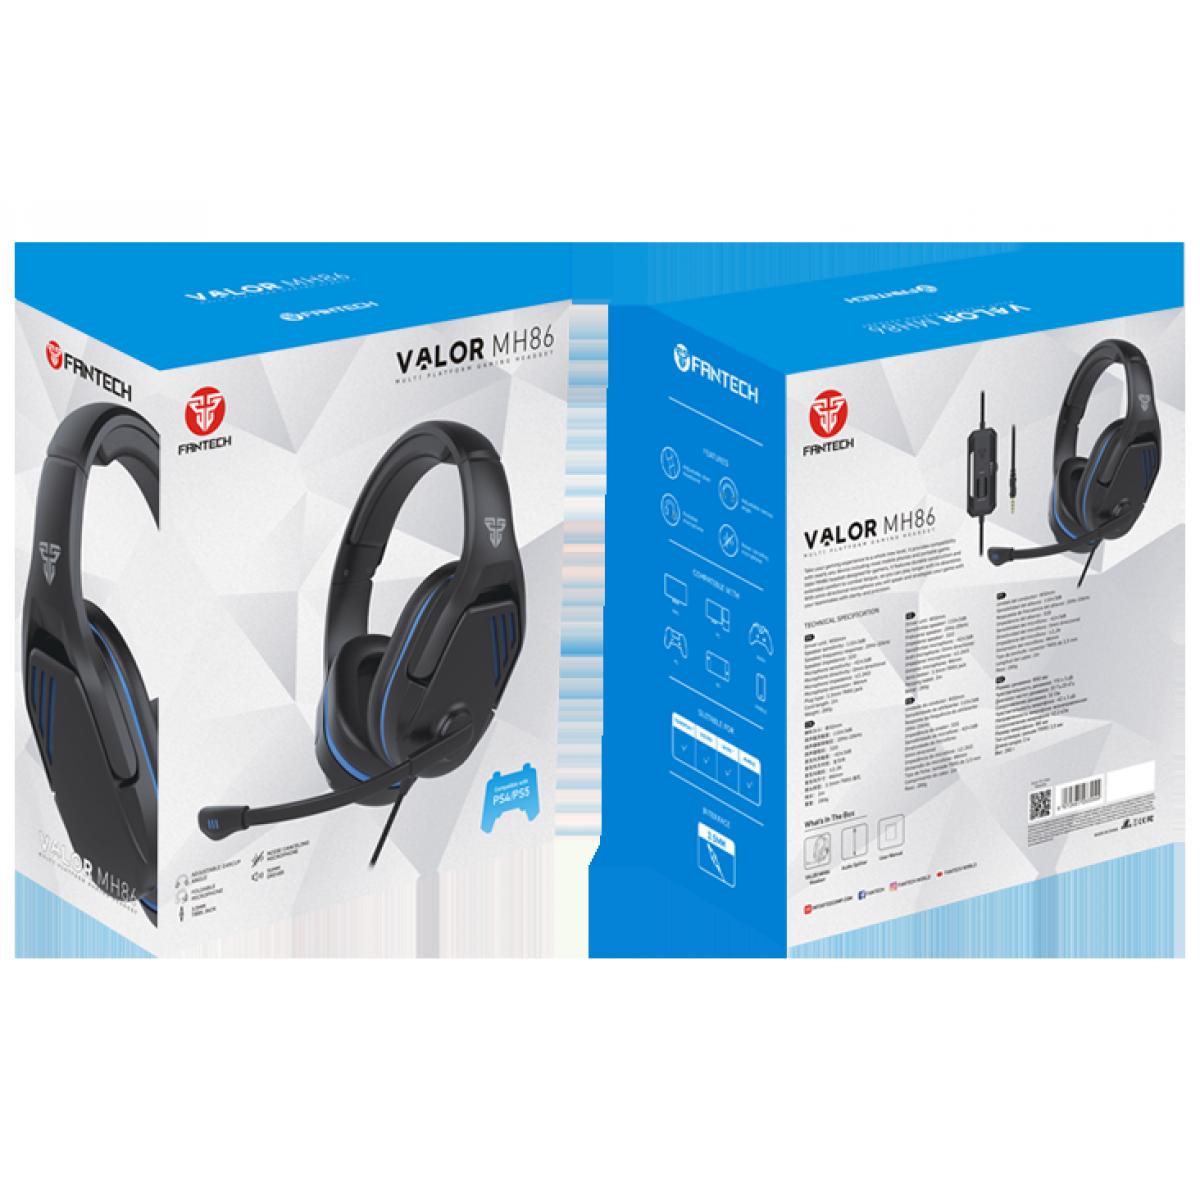 Headset Gamer Fantech Valor, 3.5mm + USB, Black/Blue, MH86